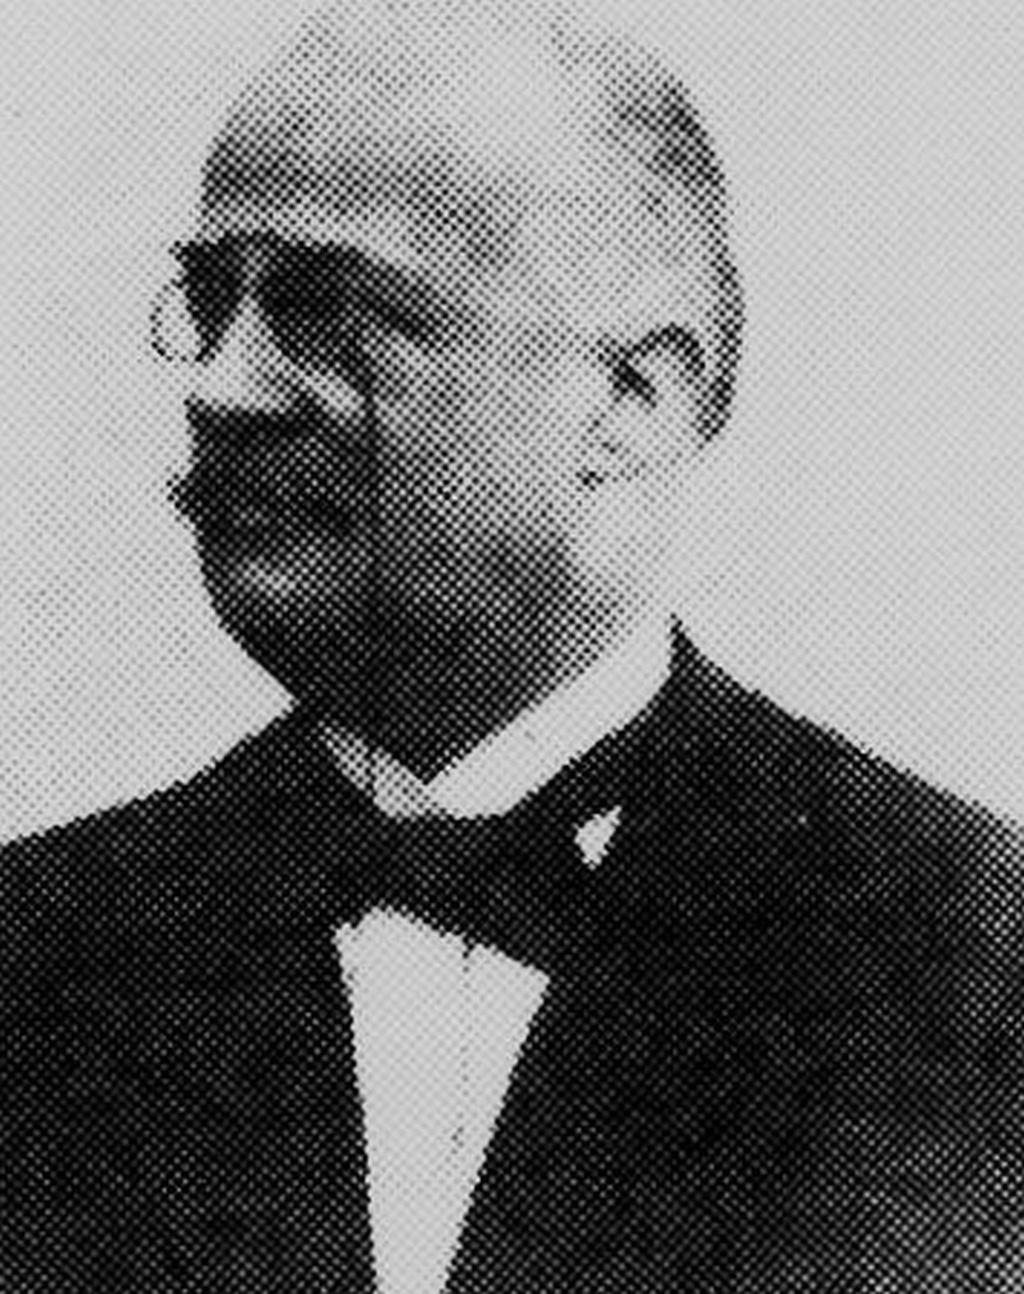 von Burgsdorff